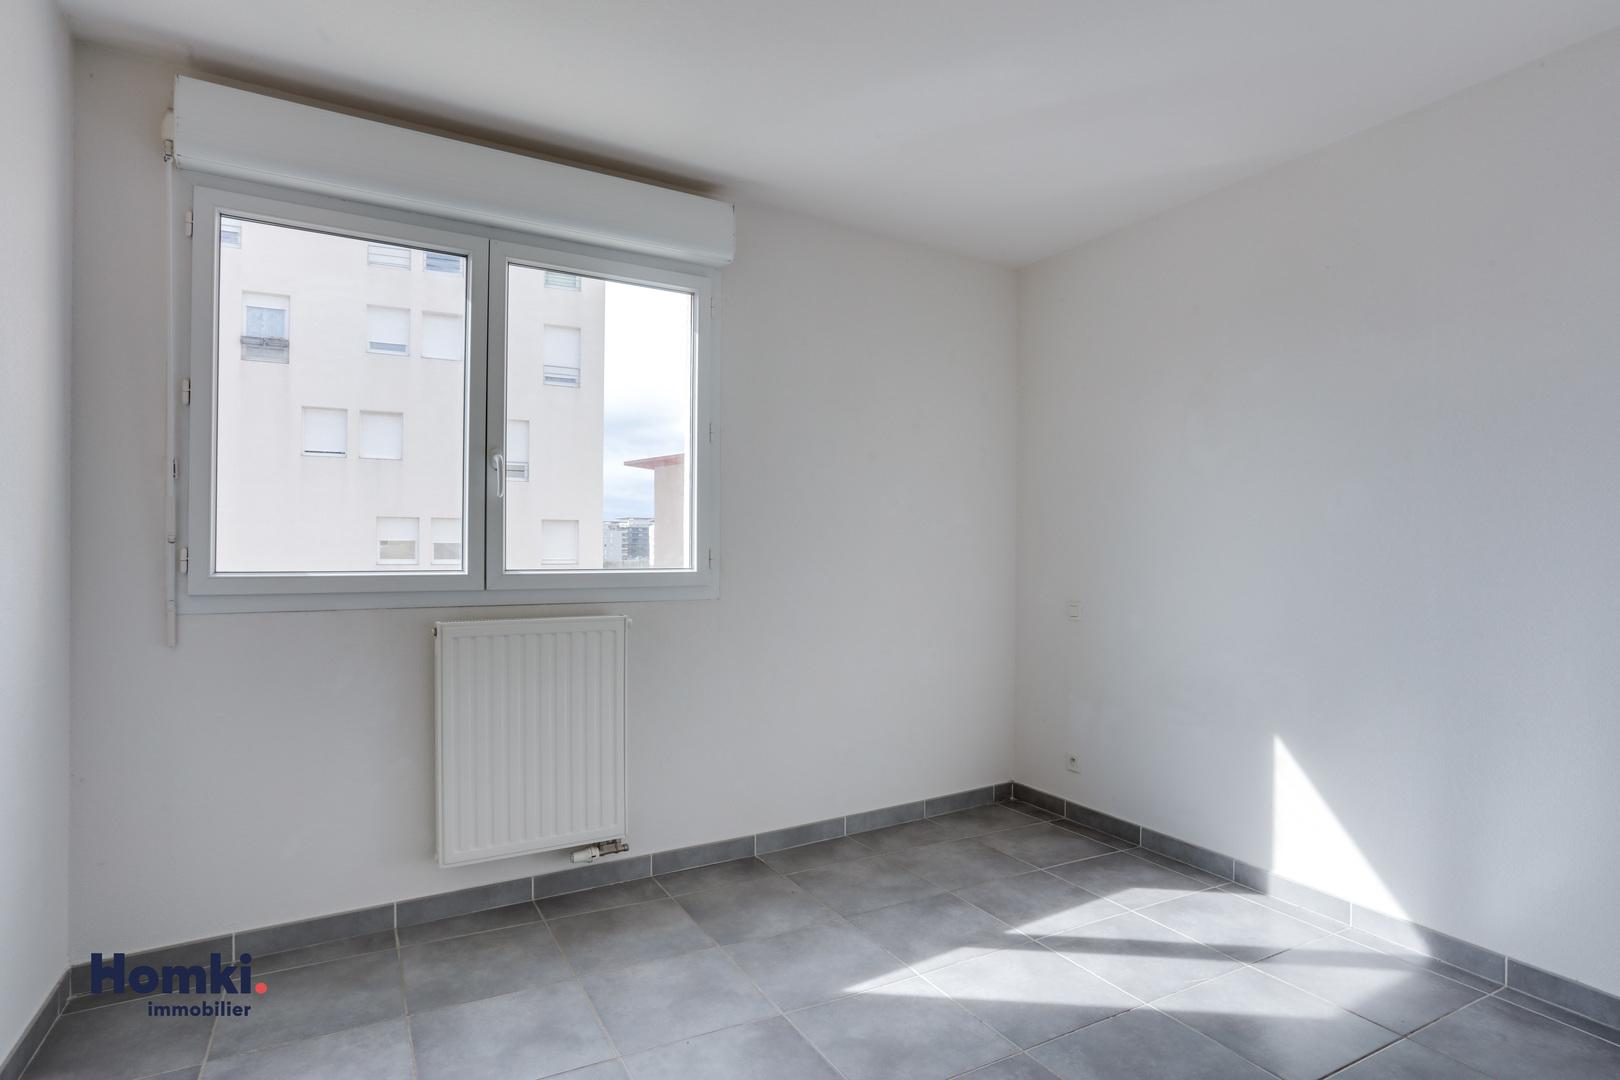 Vente Appartement 69 m² T3 34000_7